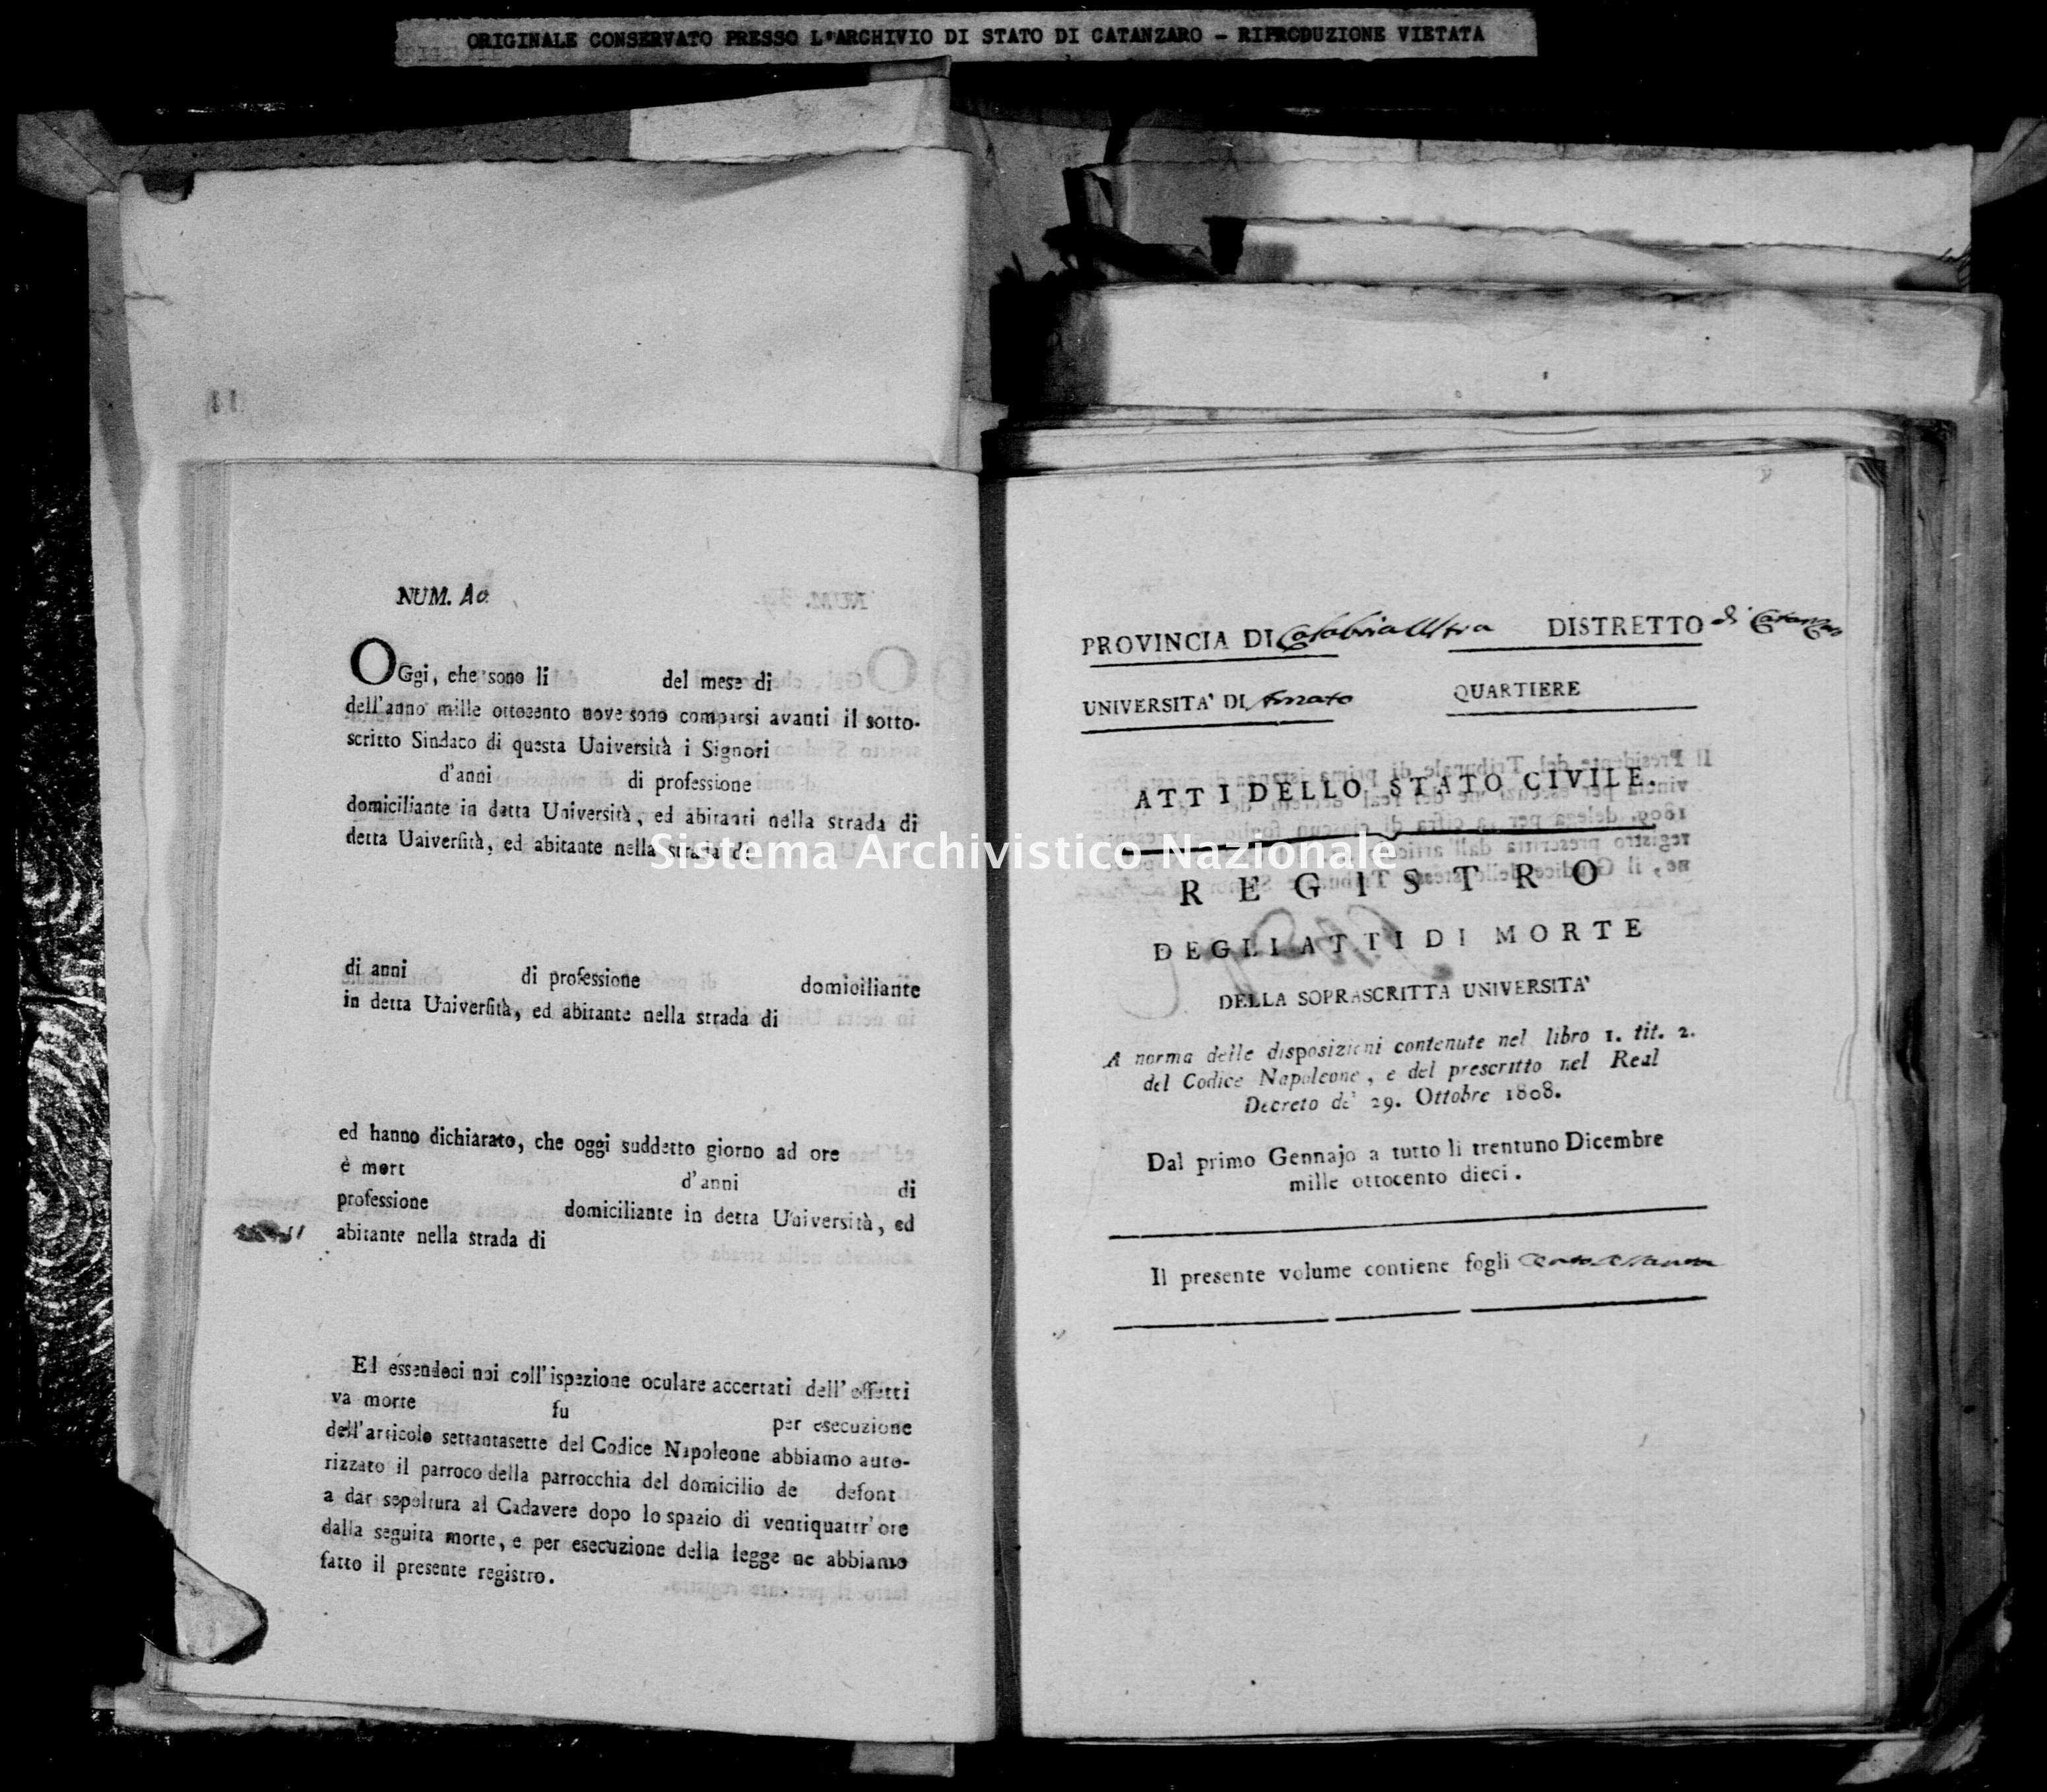 Archivio di stato di Catanzaro - Stato civile napoleonico - Amato - Morti - 1810 -